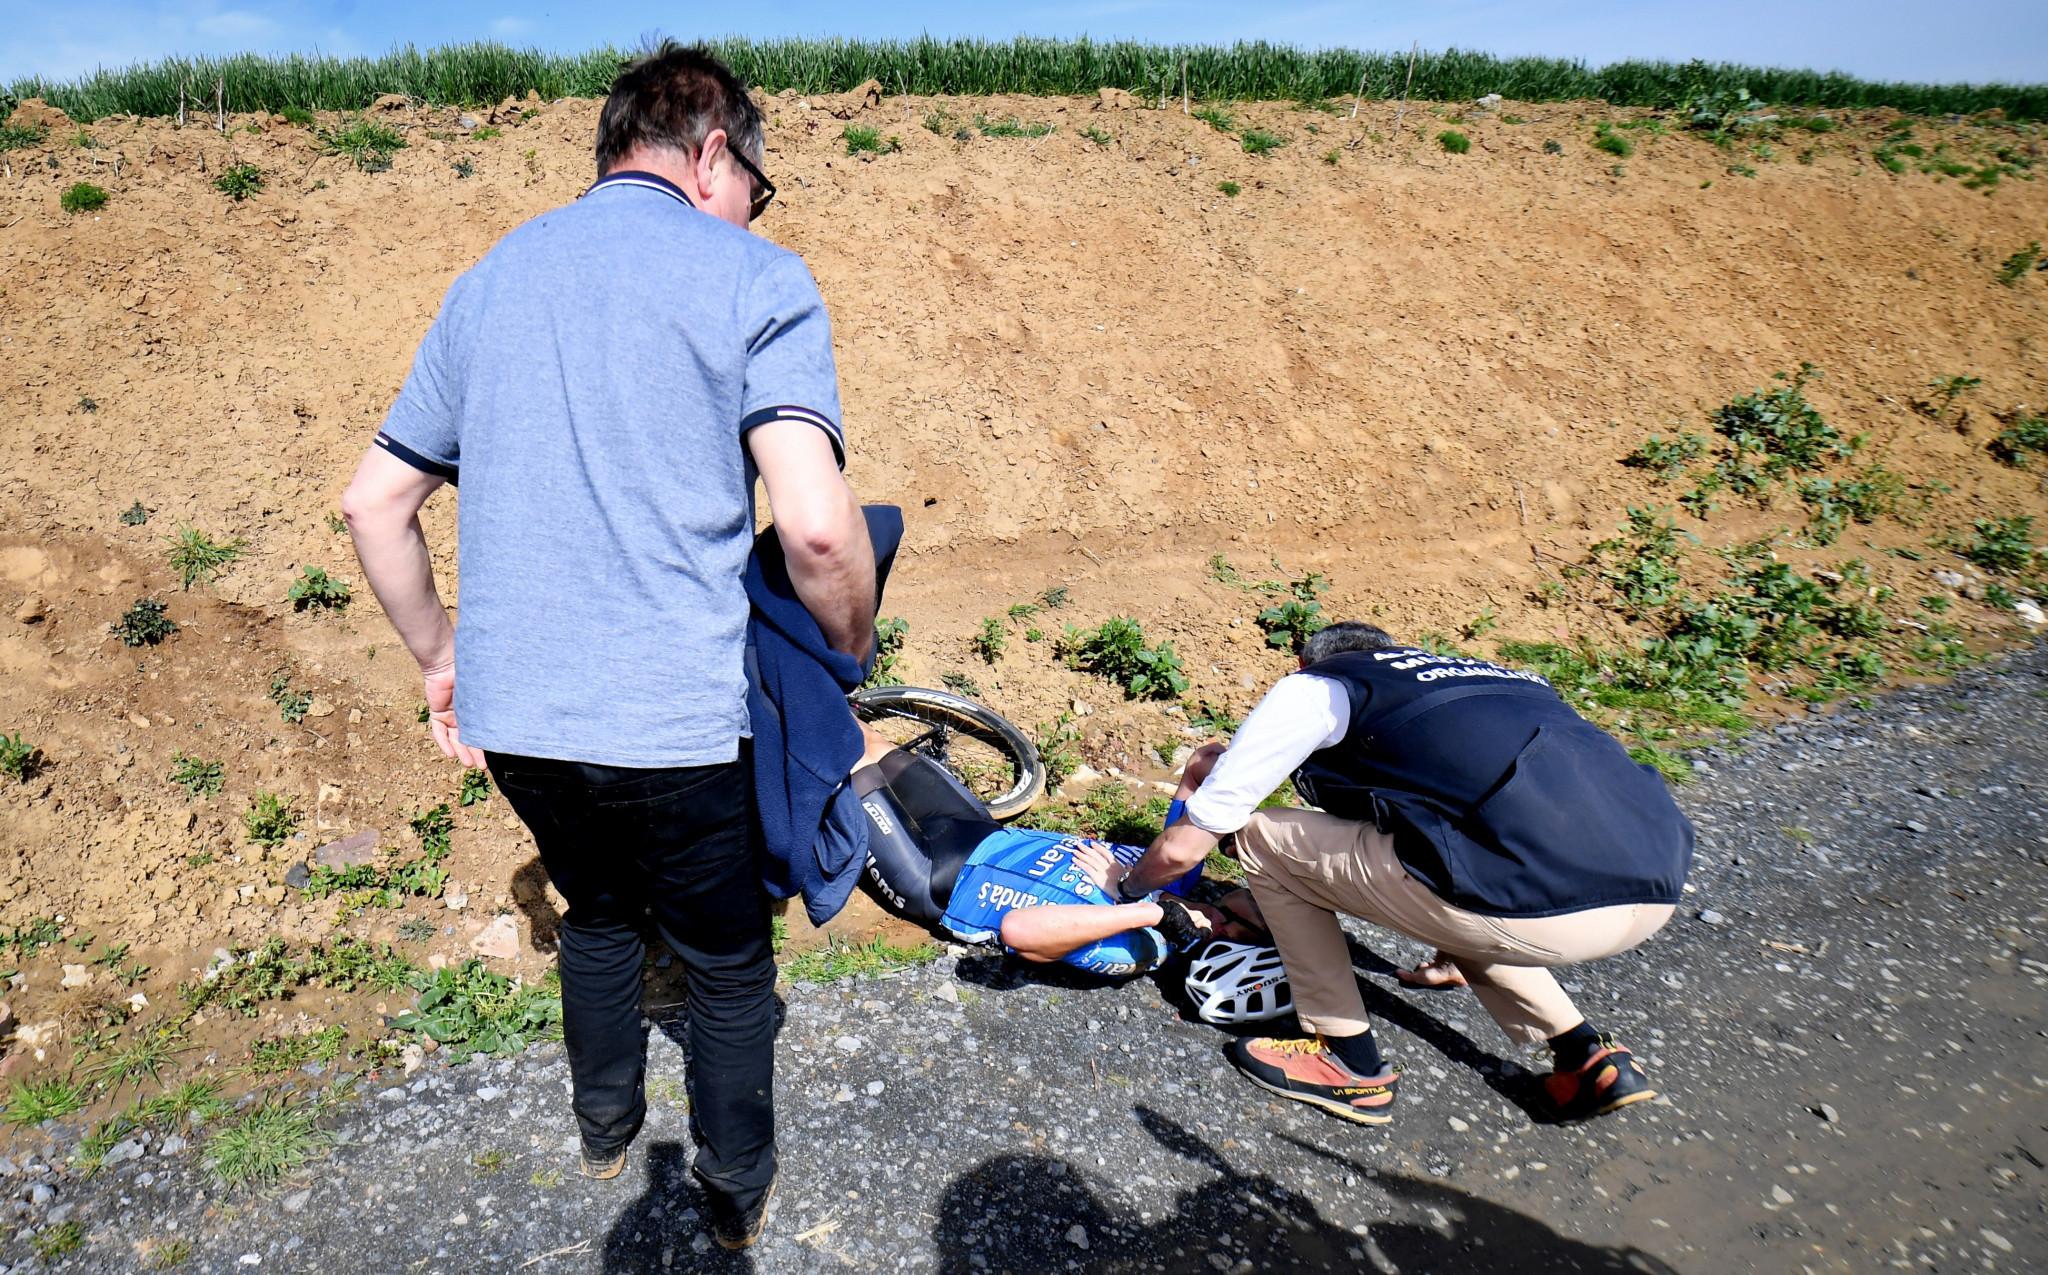 Belgian cyclist Goolaerts dies after crash at Paris-Roubaix